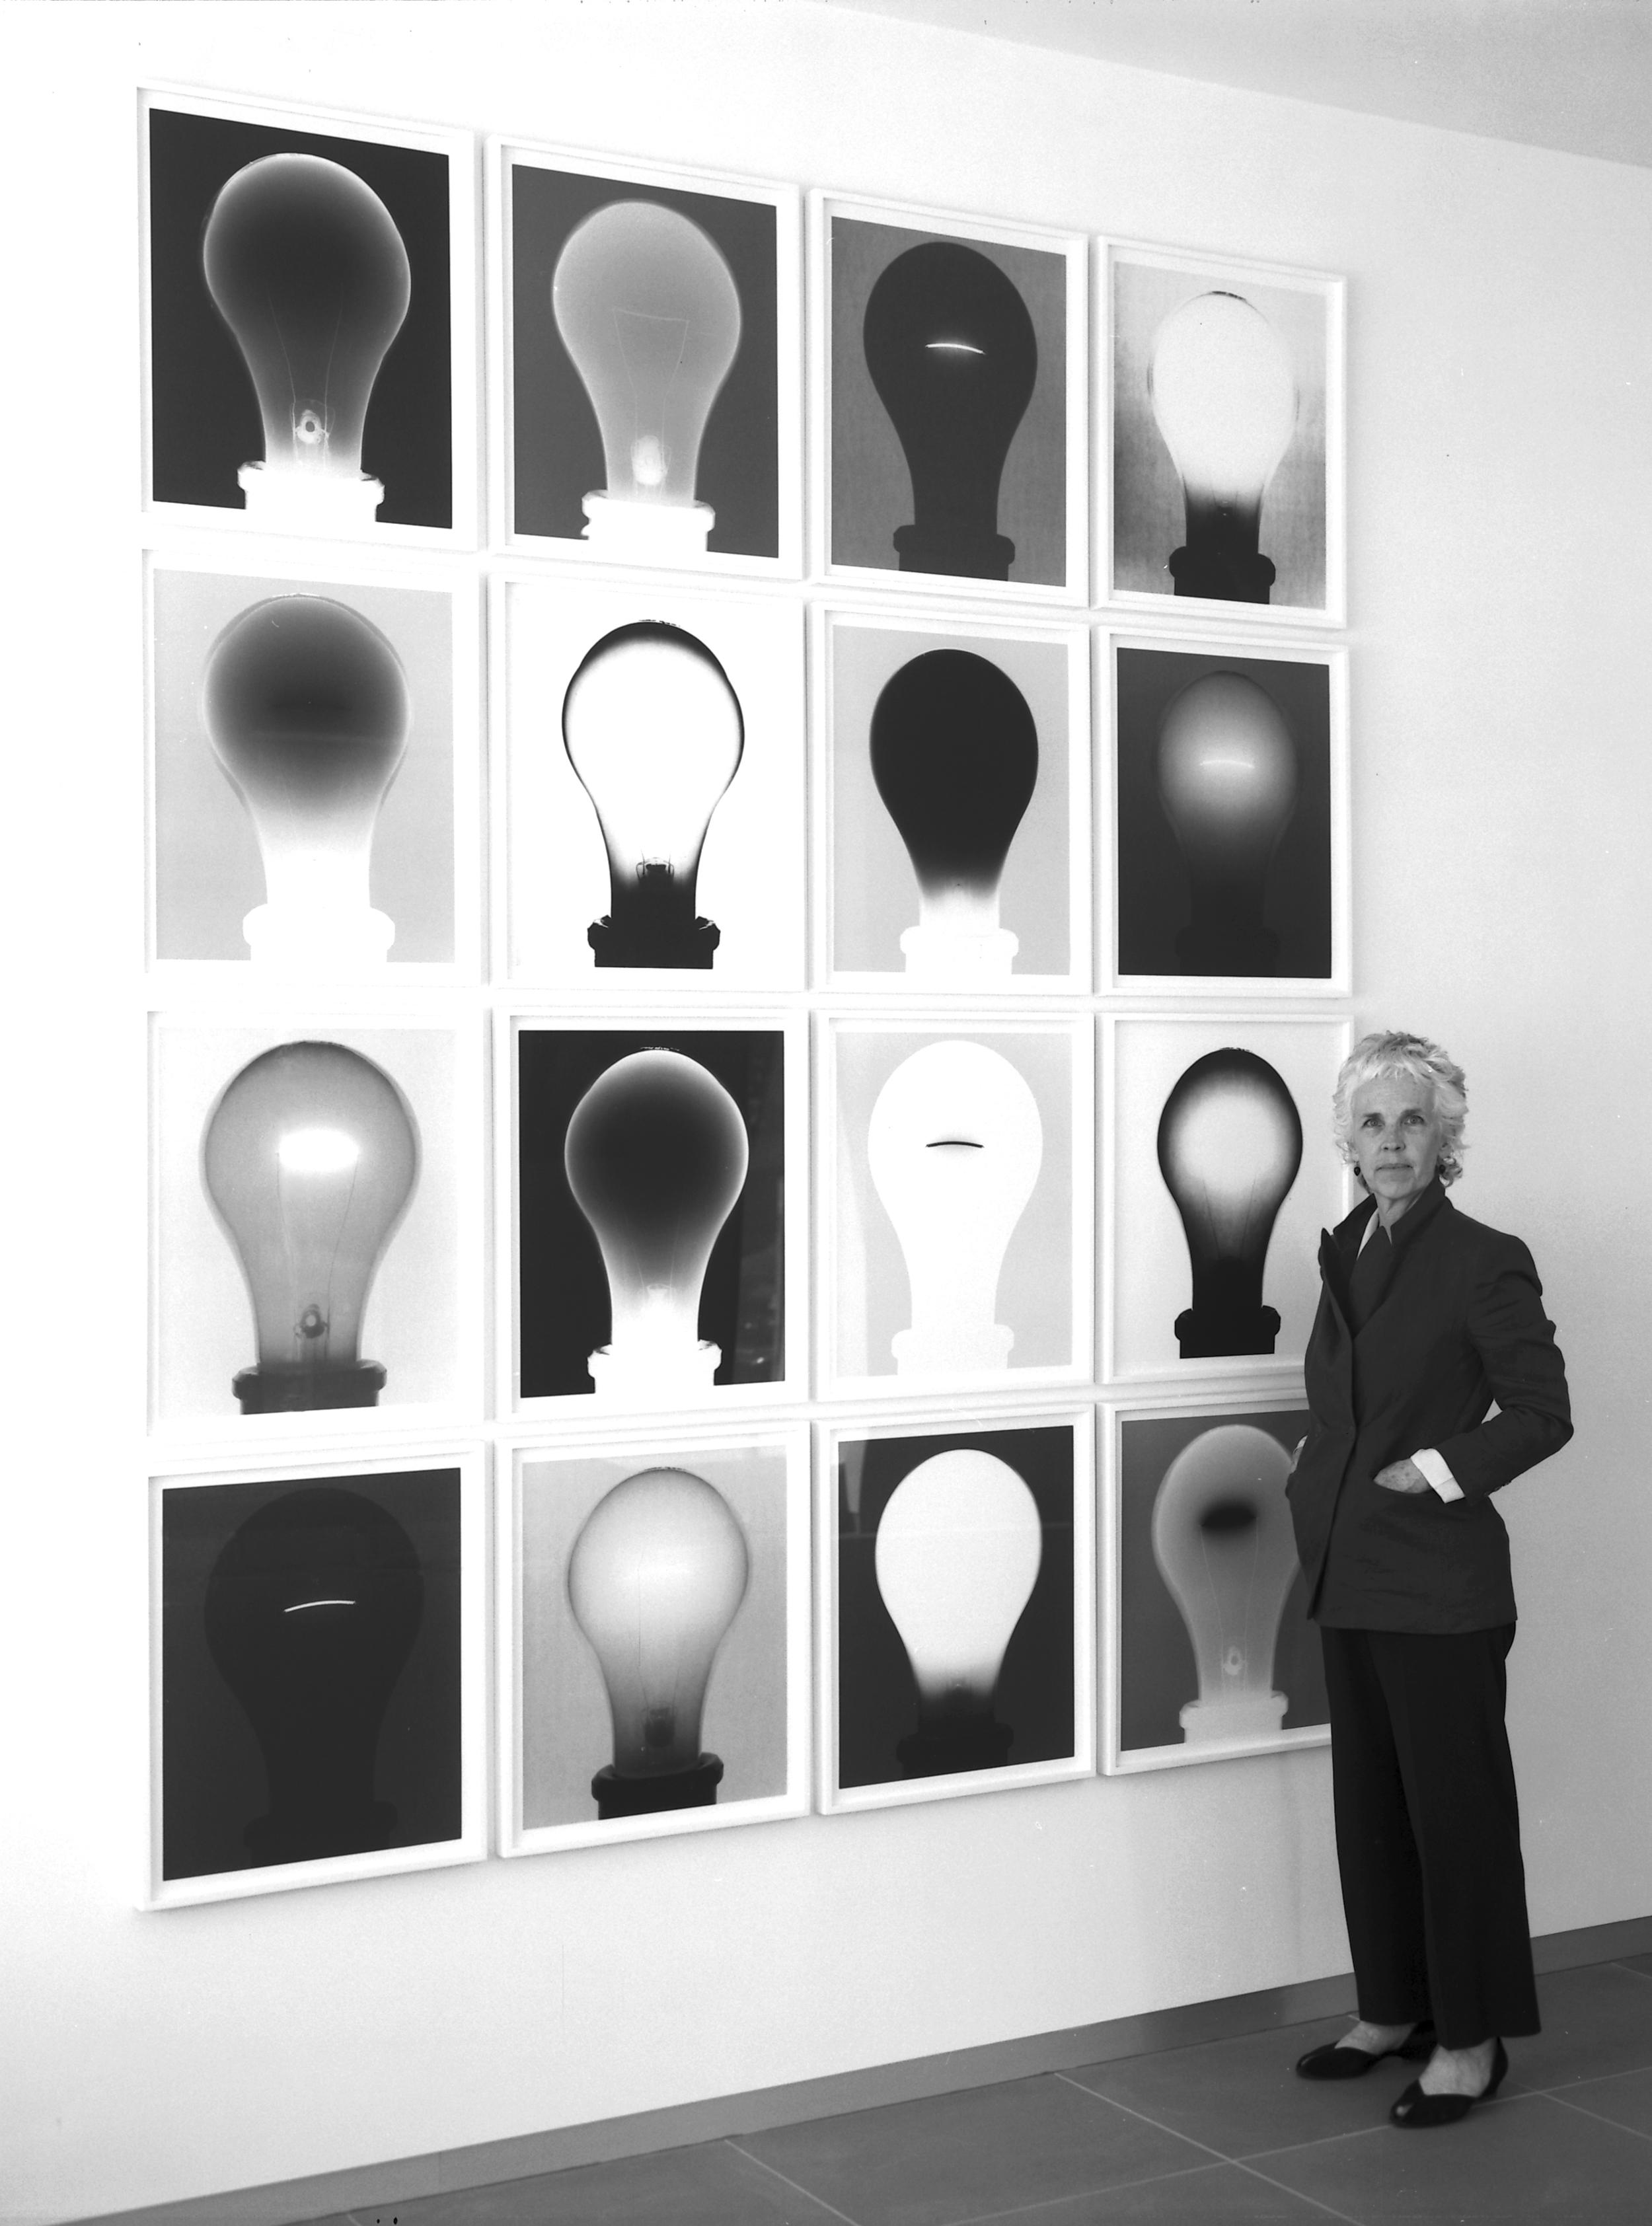 Amanda with One Bulb Grid r.jpg